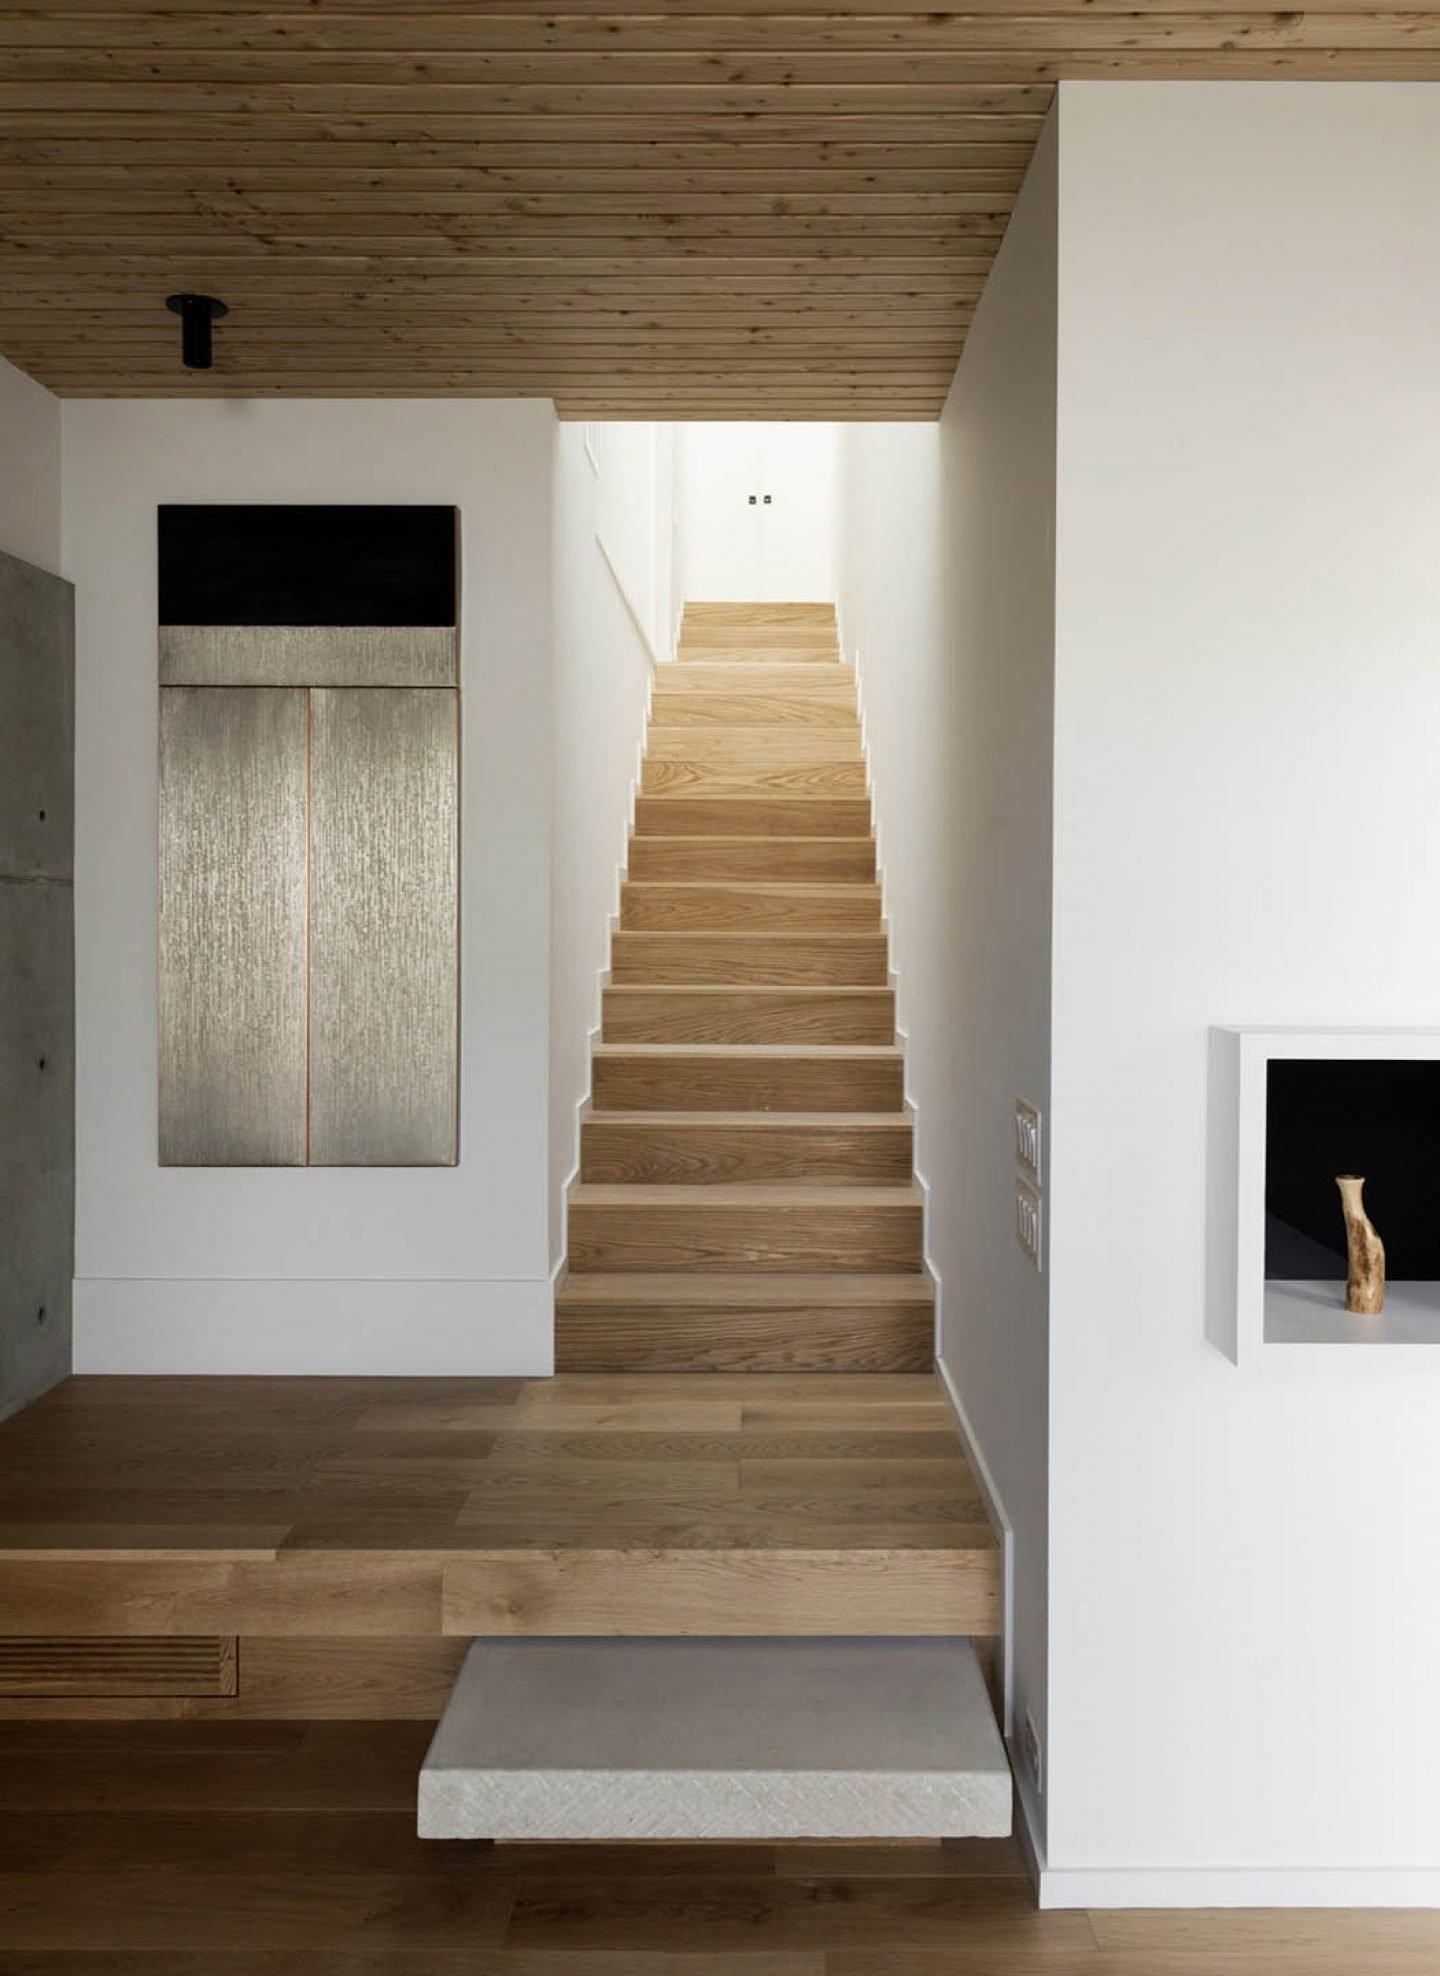 iGNANT_Architecture_Robertson_Design_Concrete_Box_House_9